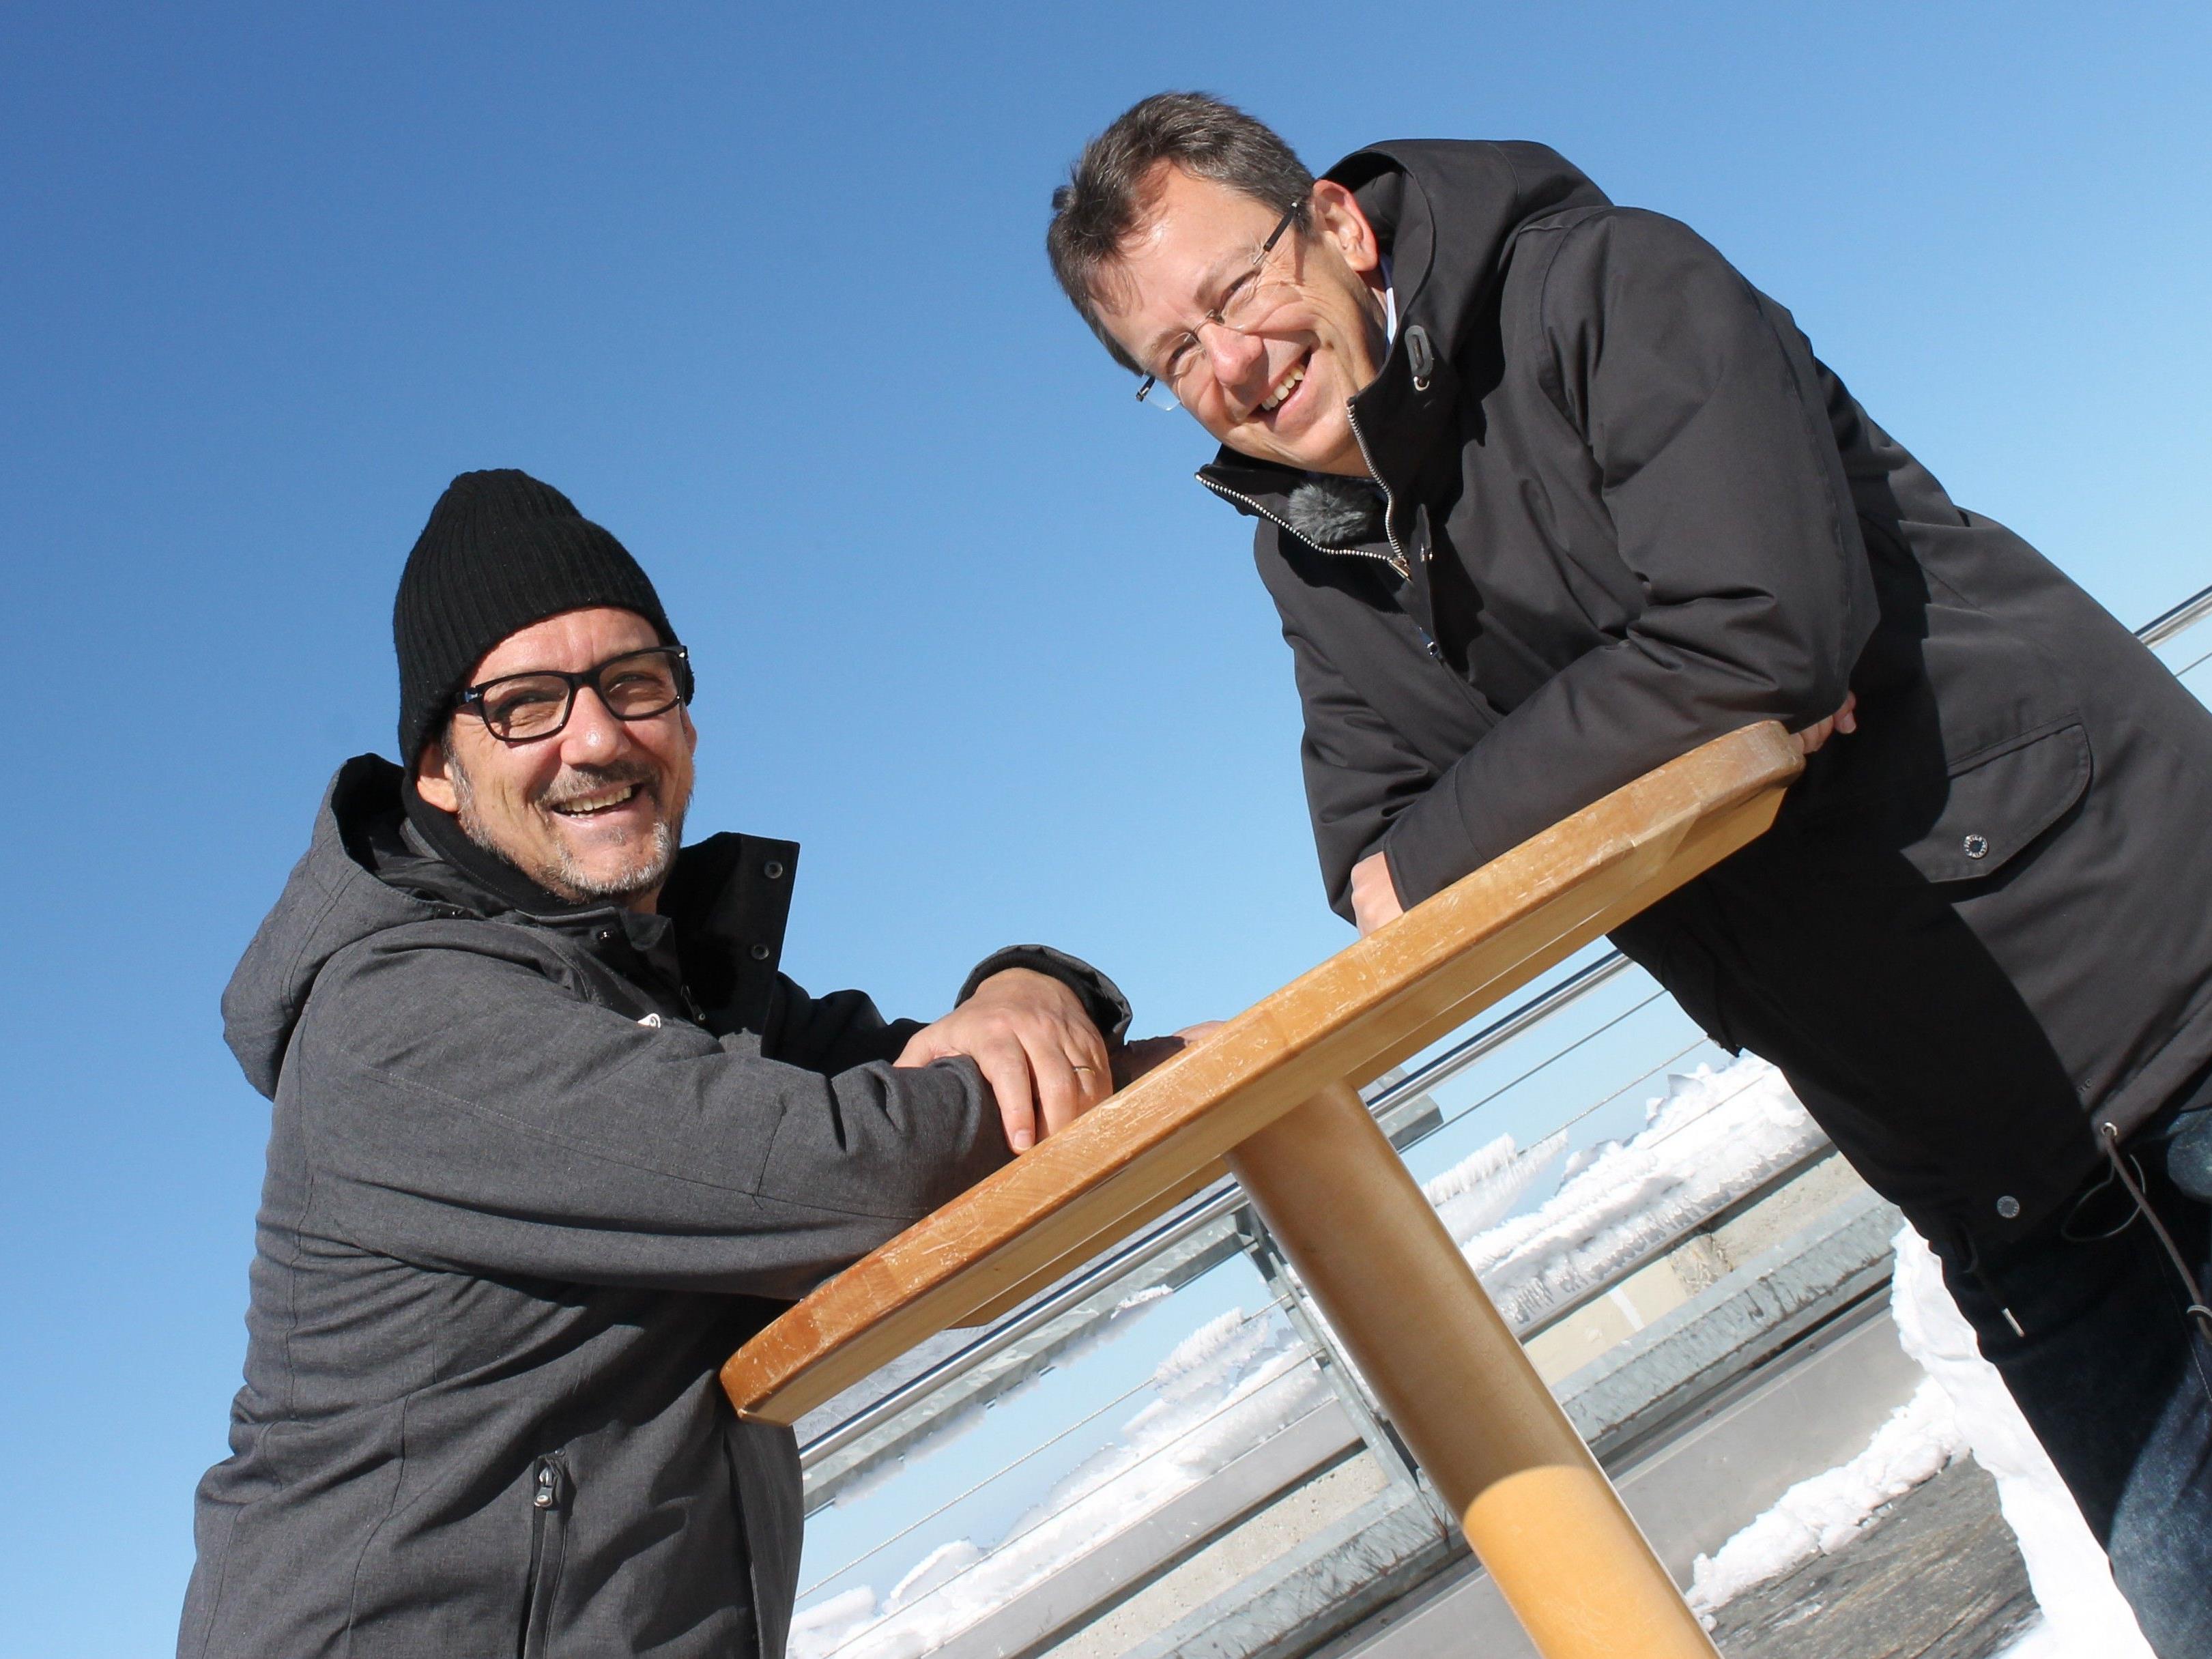 In der 10-teiligen LÄNDLE-TALK-on Tour Serie plaudert Andreas Seeburger auch mit Dr. Wolfgang Frick am höchsten Berg der Ostschweiz